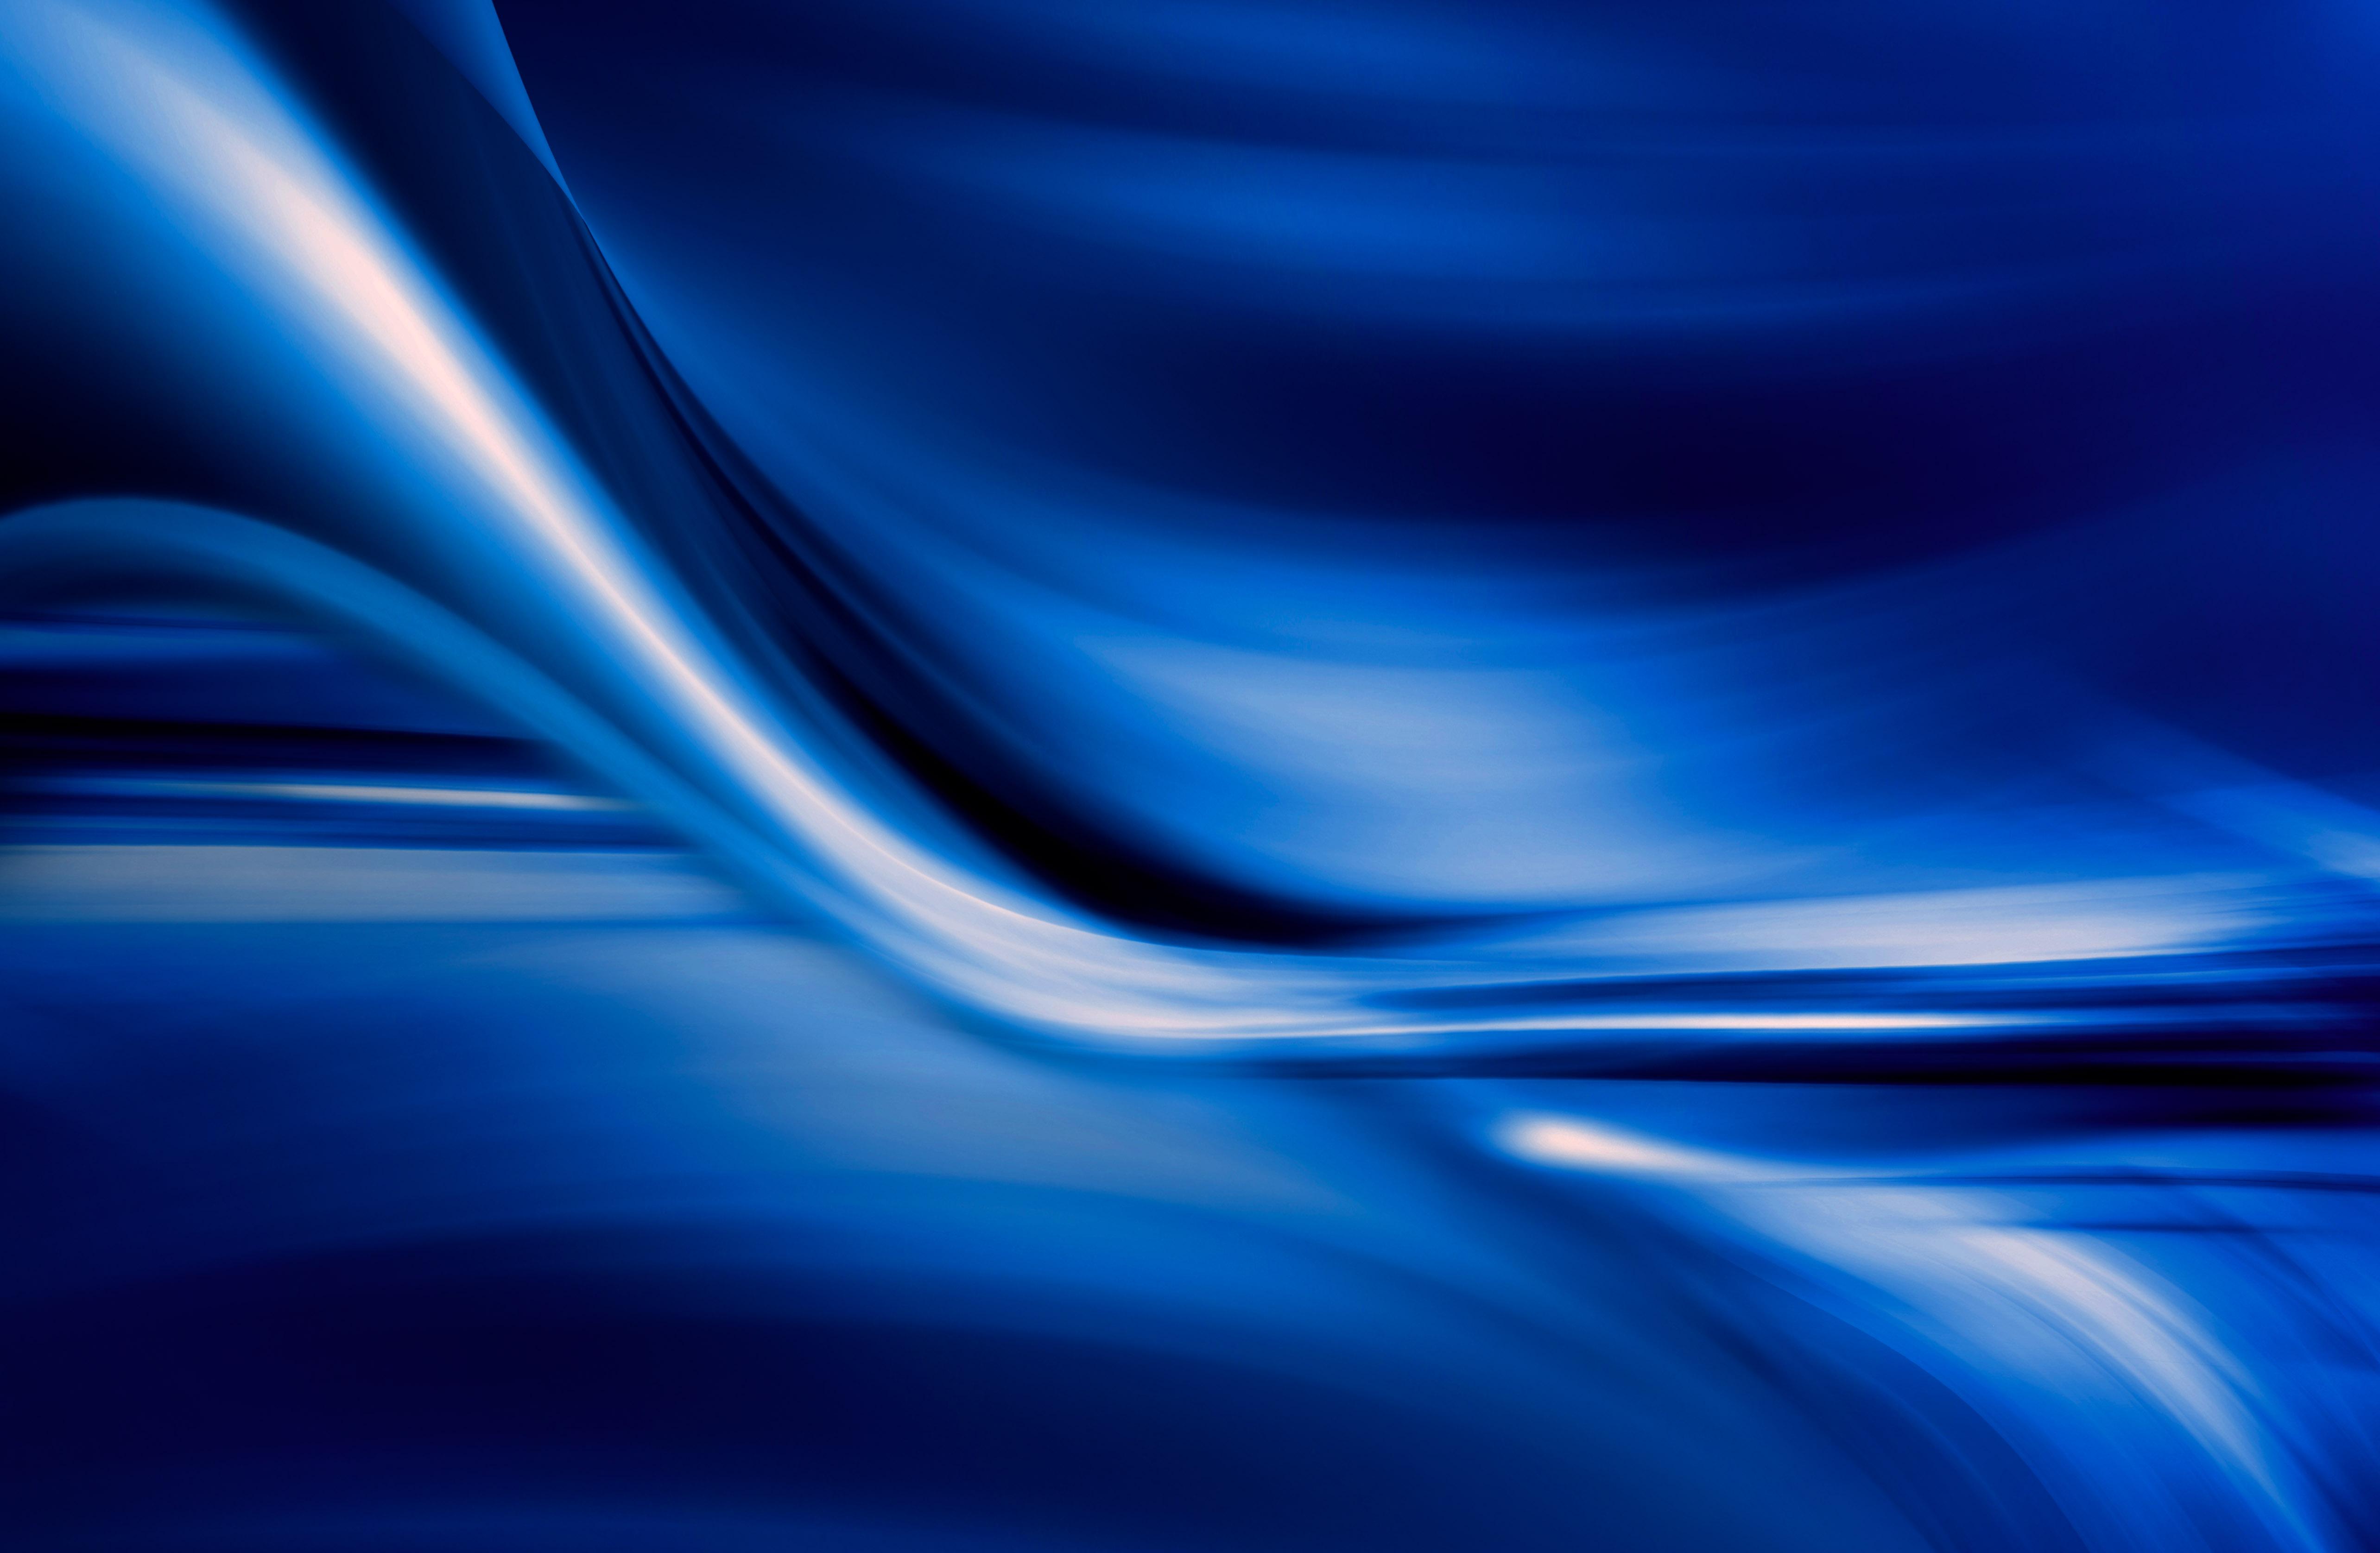 Deep dark blue abstract background image wwwmyfreetexturescom 5136x3352